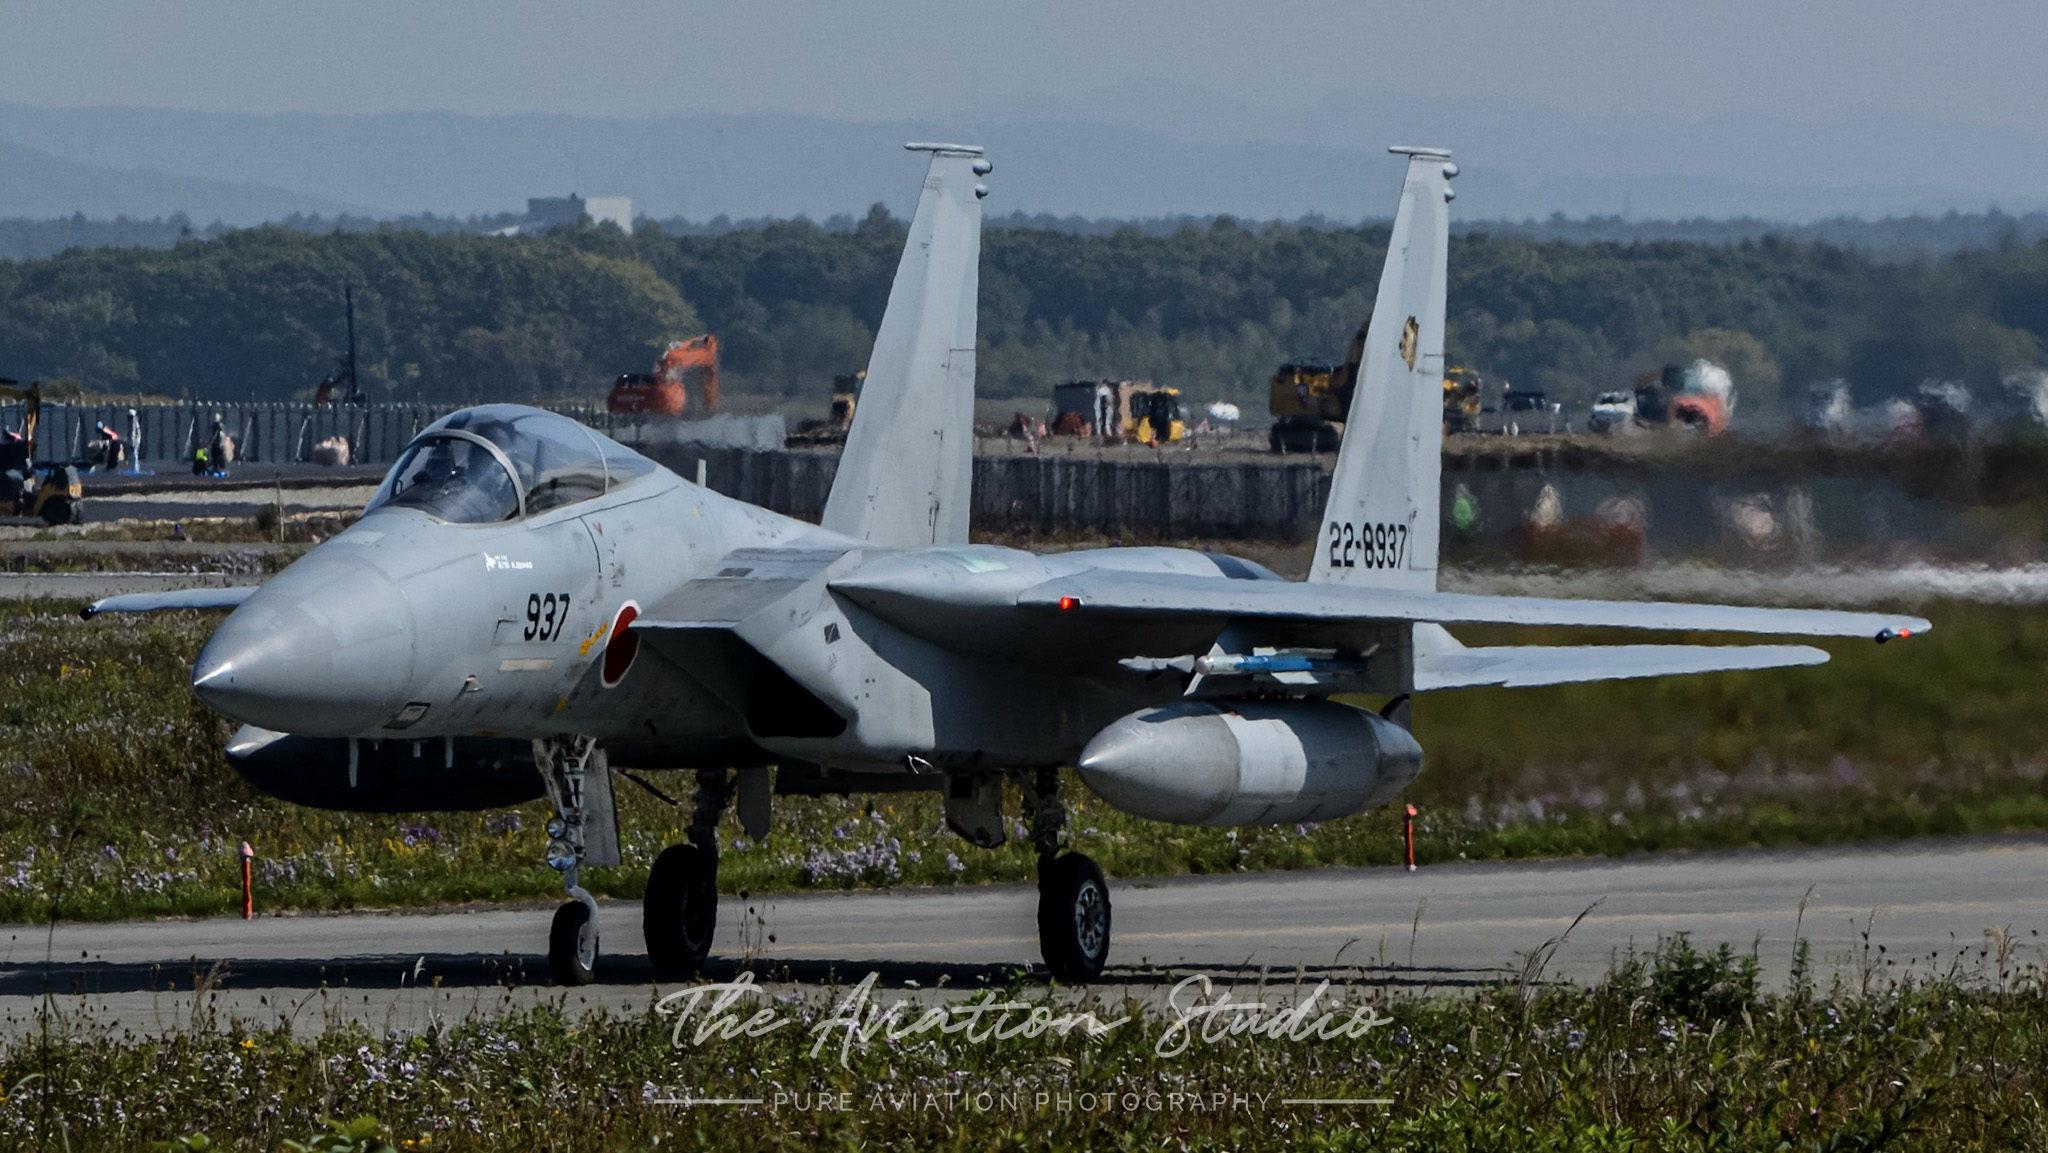 JASDF F-15J 22-8937 taxiing at Chitose Air Base